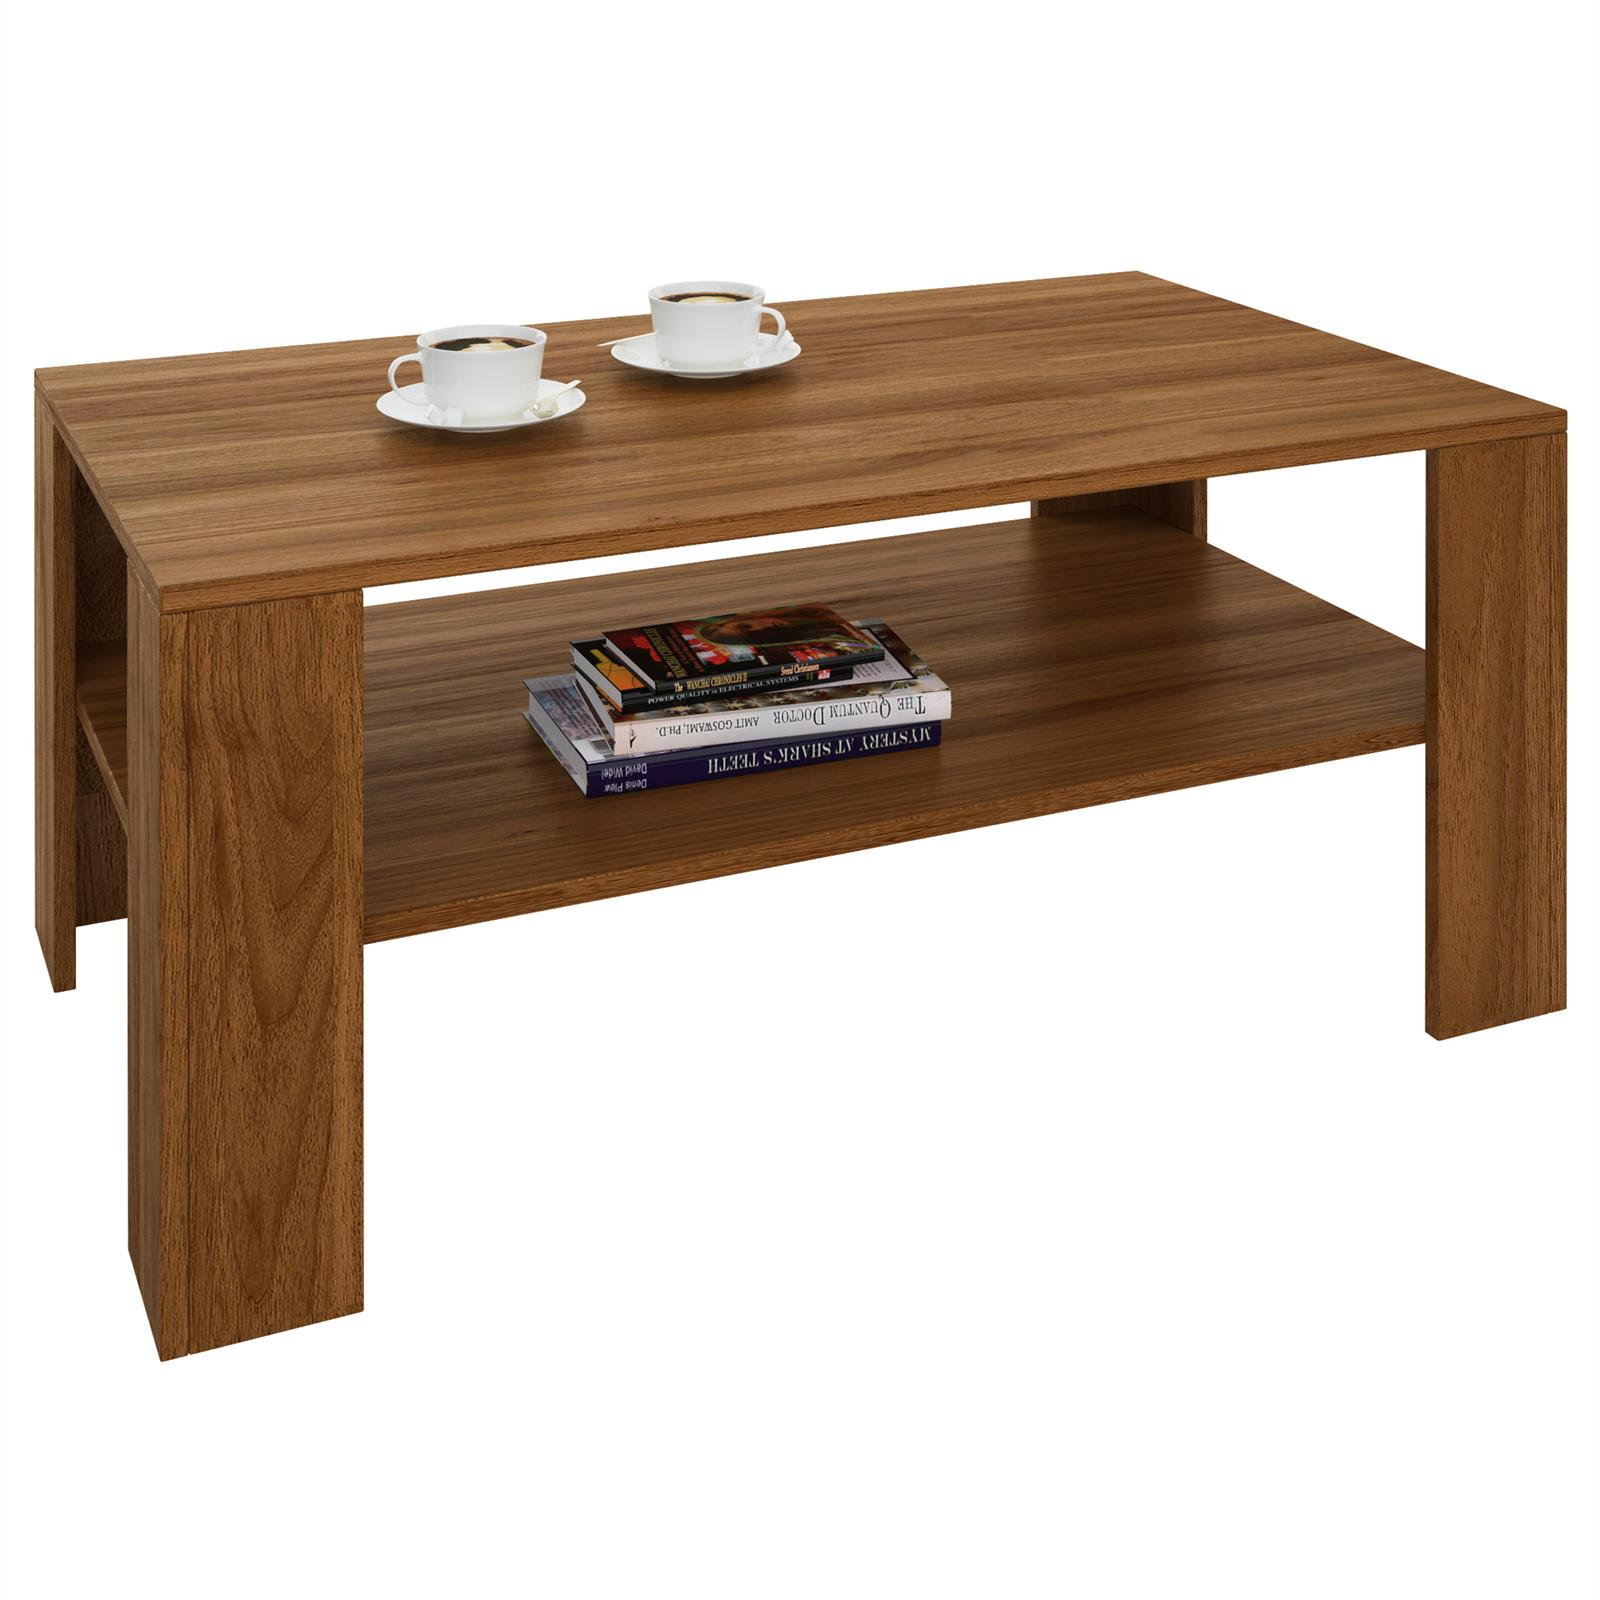 Table-basse-de-salon-rectangulaire-avec-tablette-melamine